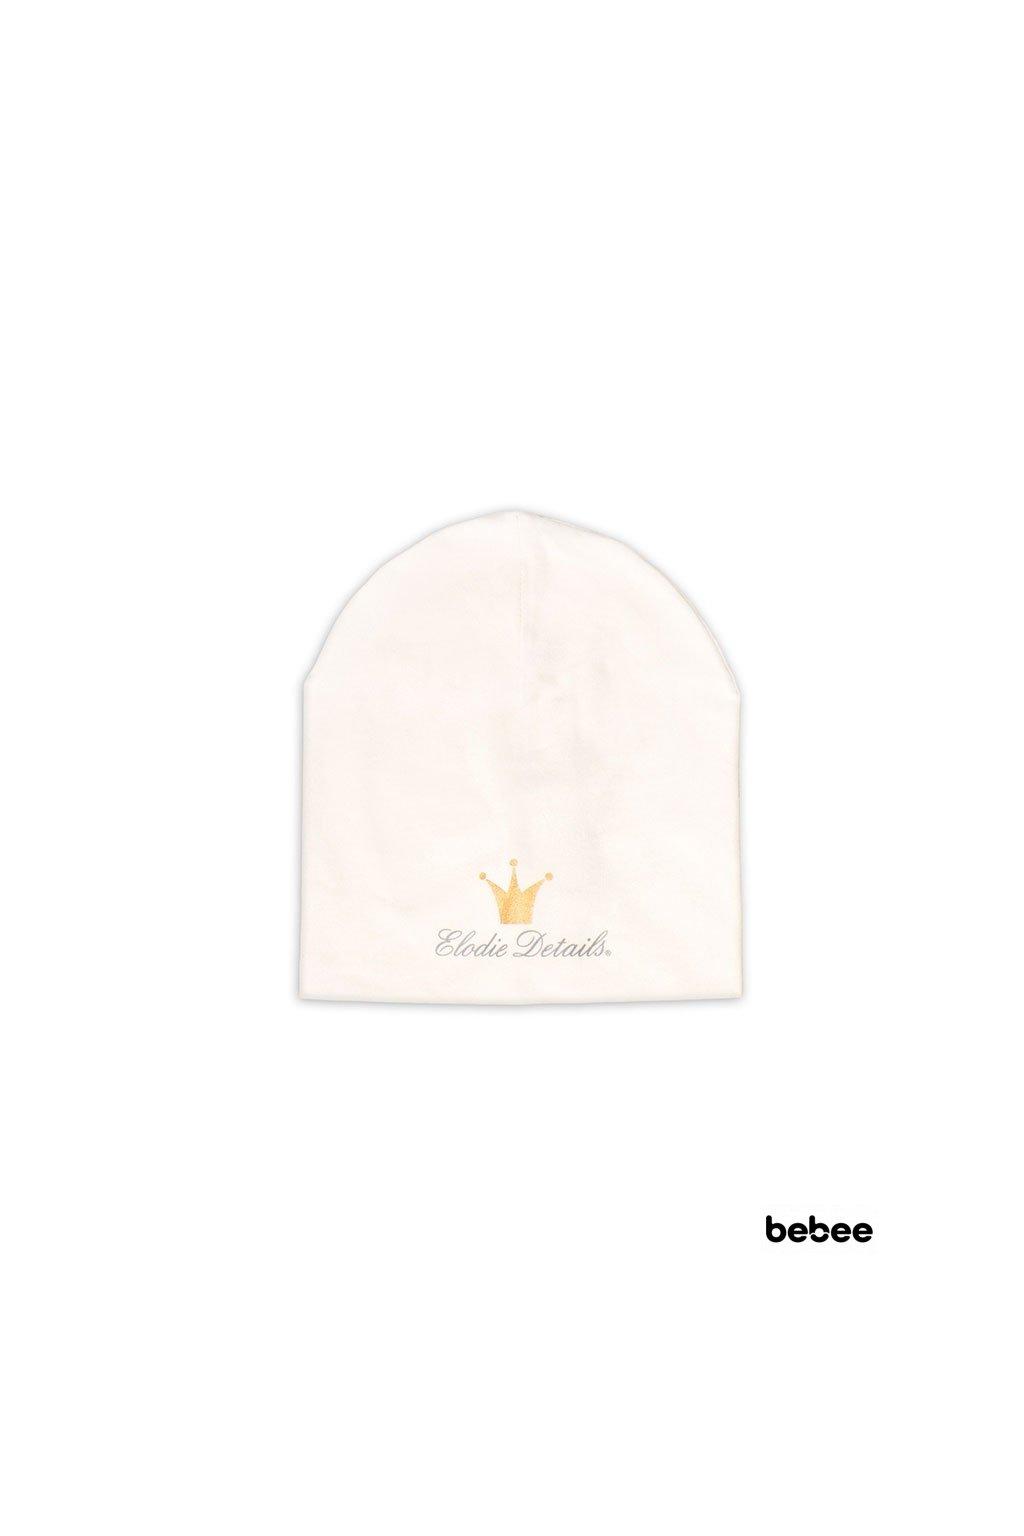 ciapka vanilla white elodie details